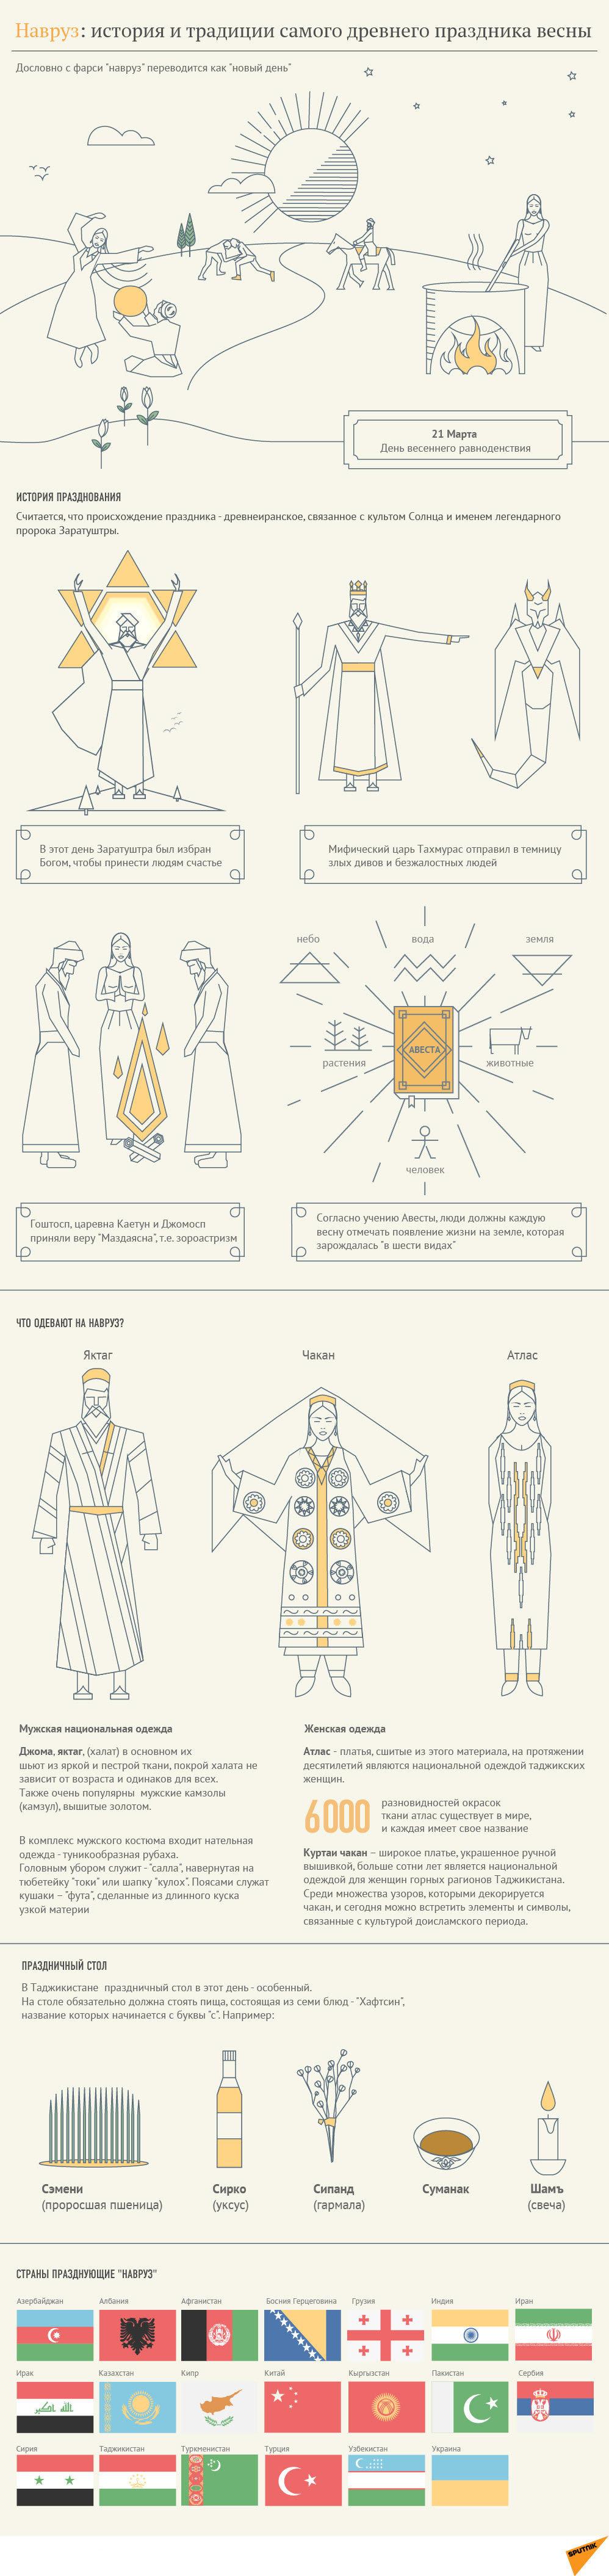 История и традиции Навруза. Инфографика - Sputnik Тоҷикистон